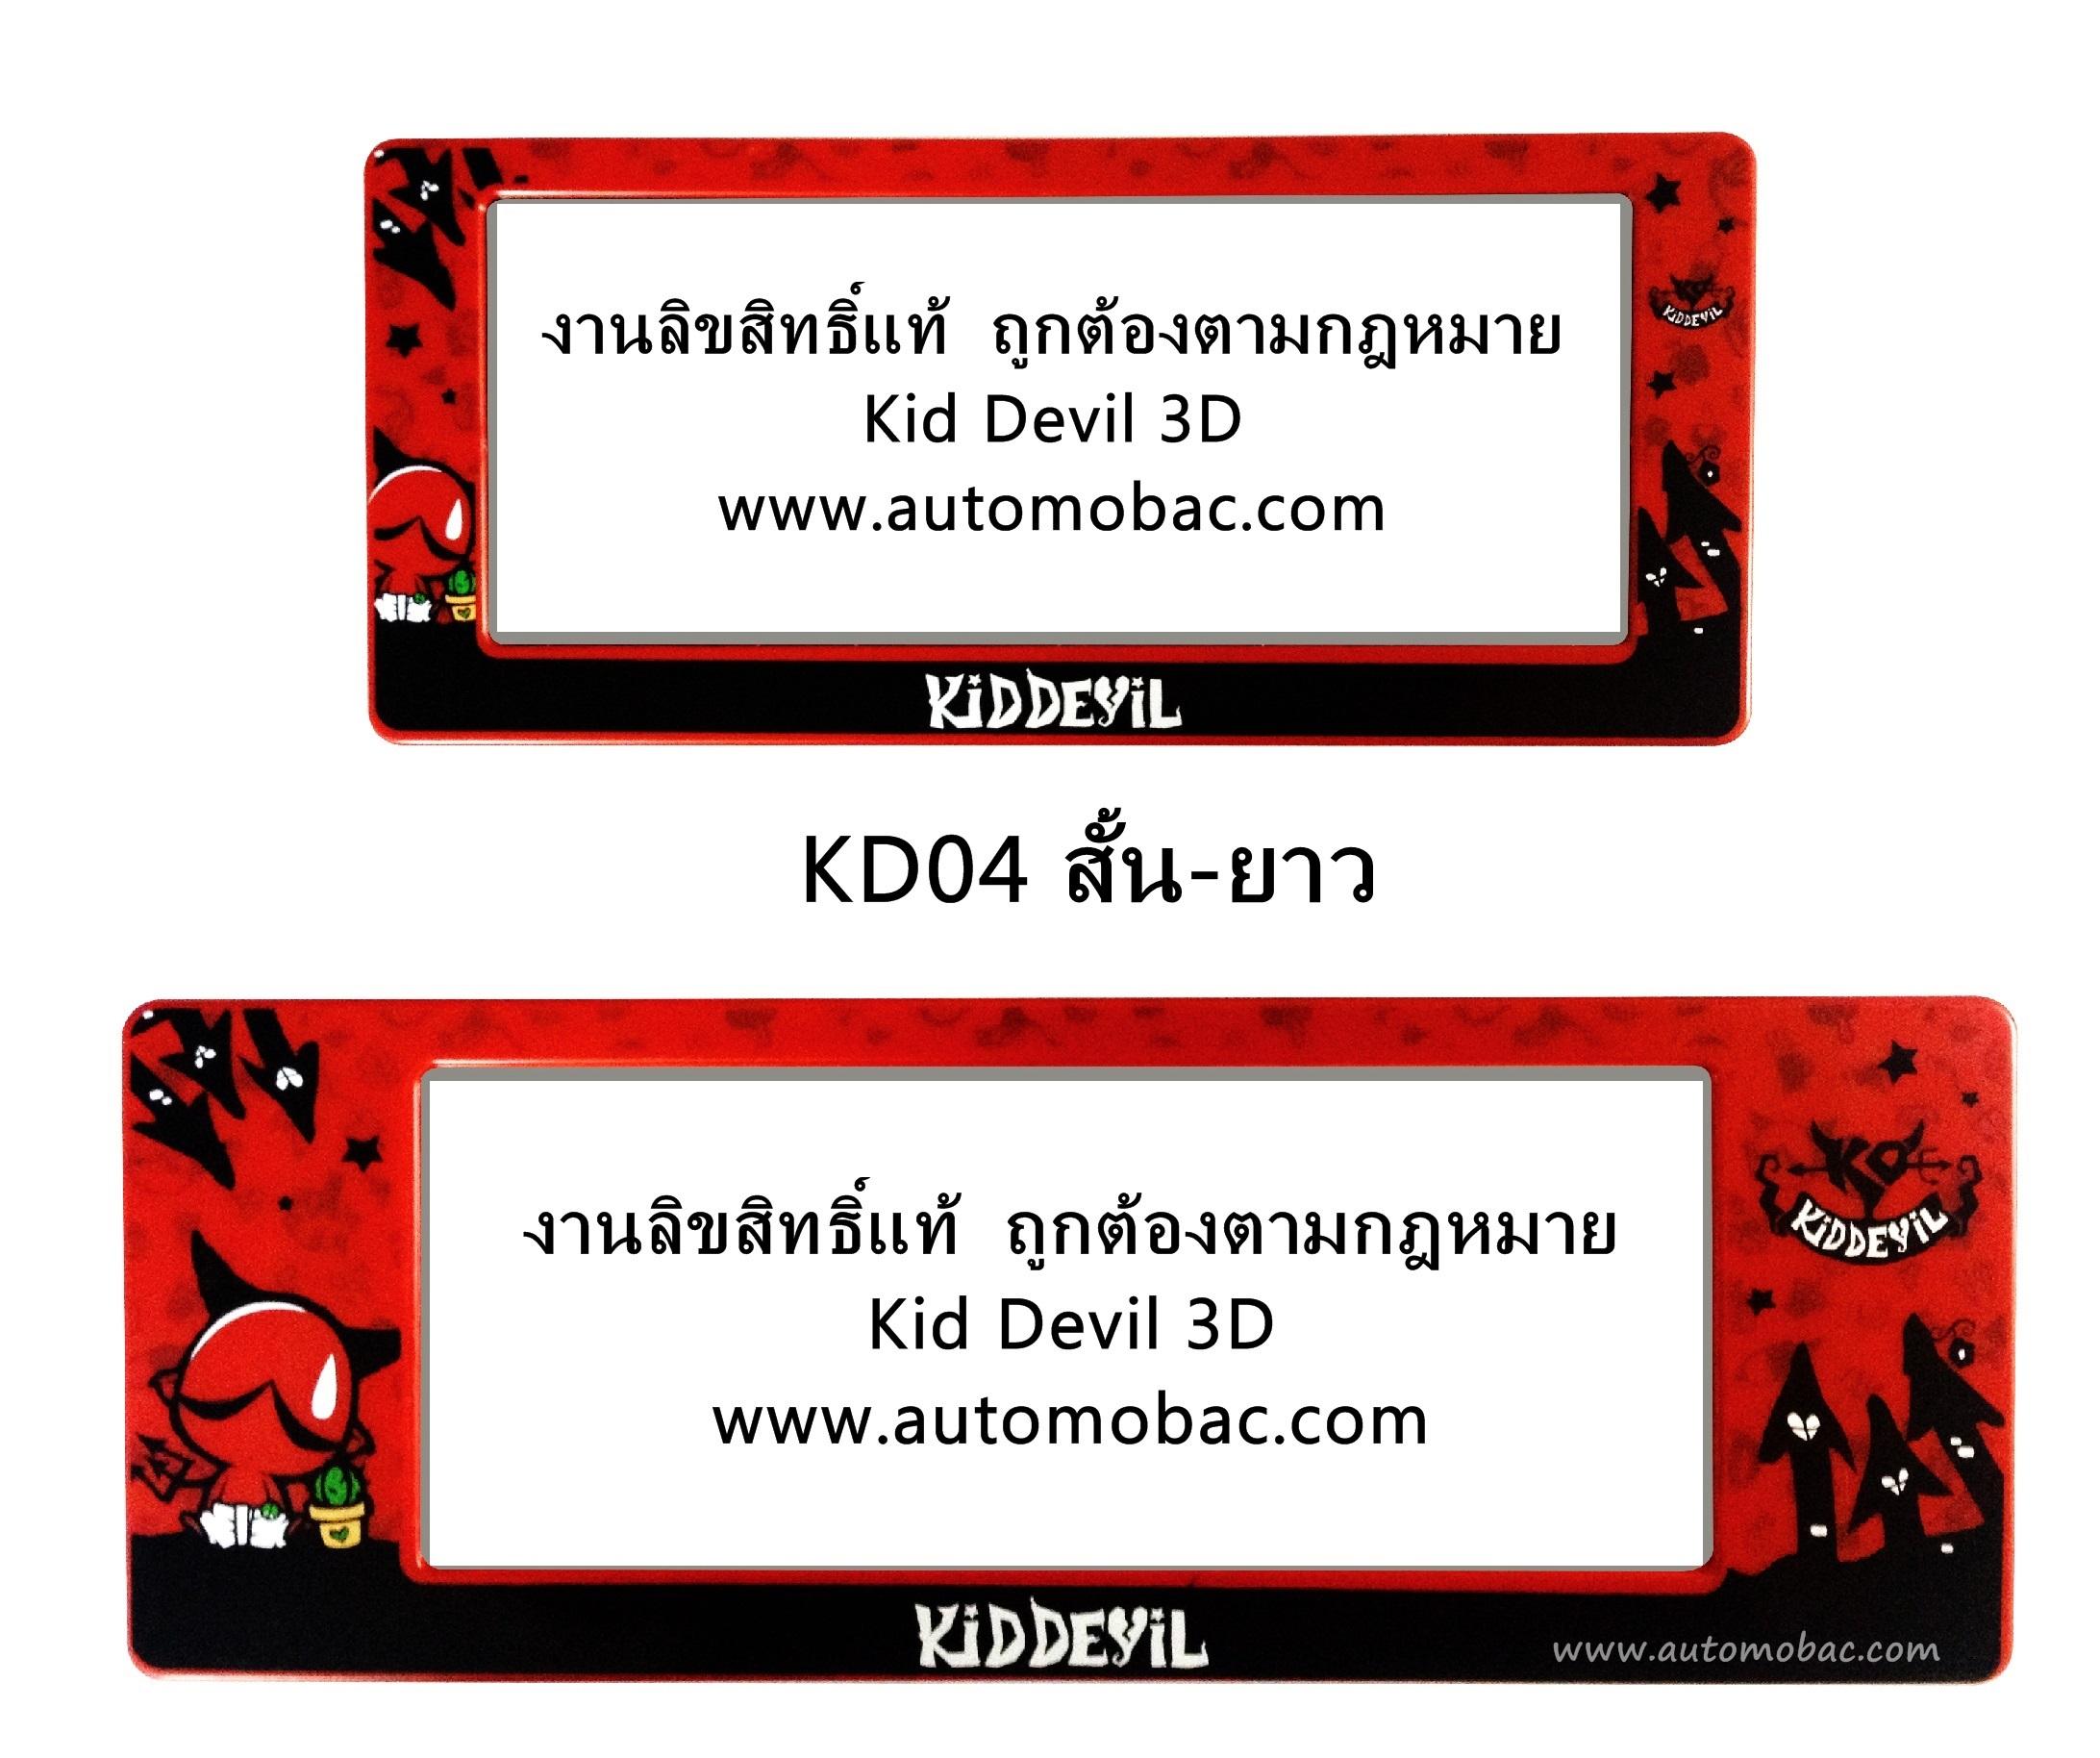 Kiddevil 3D กรอบป้ายทะเบียน แบบสั้น-ยาว KD04 งานลิขสิทธิ์แท้ ถูกต้องตามกฎหมาย